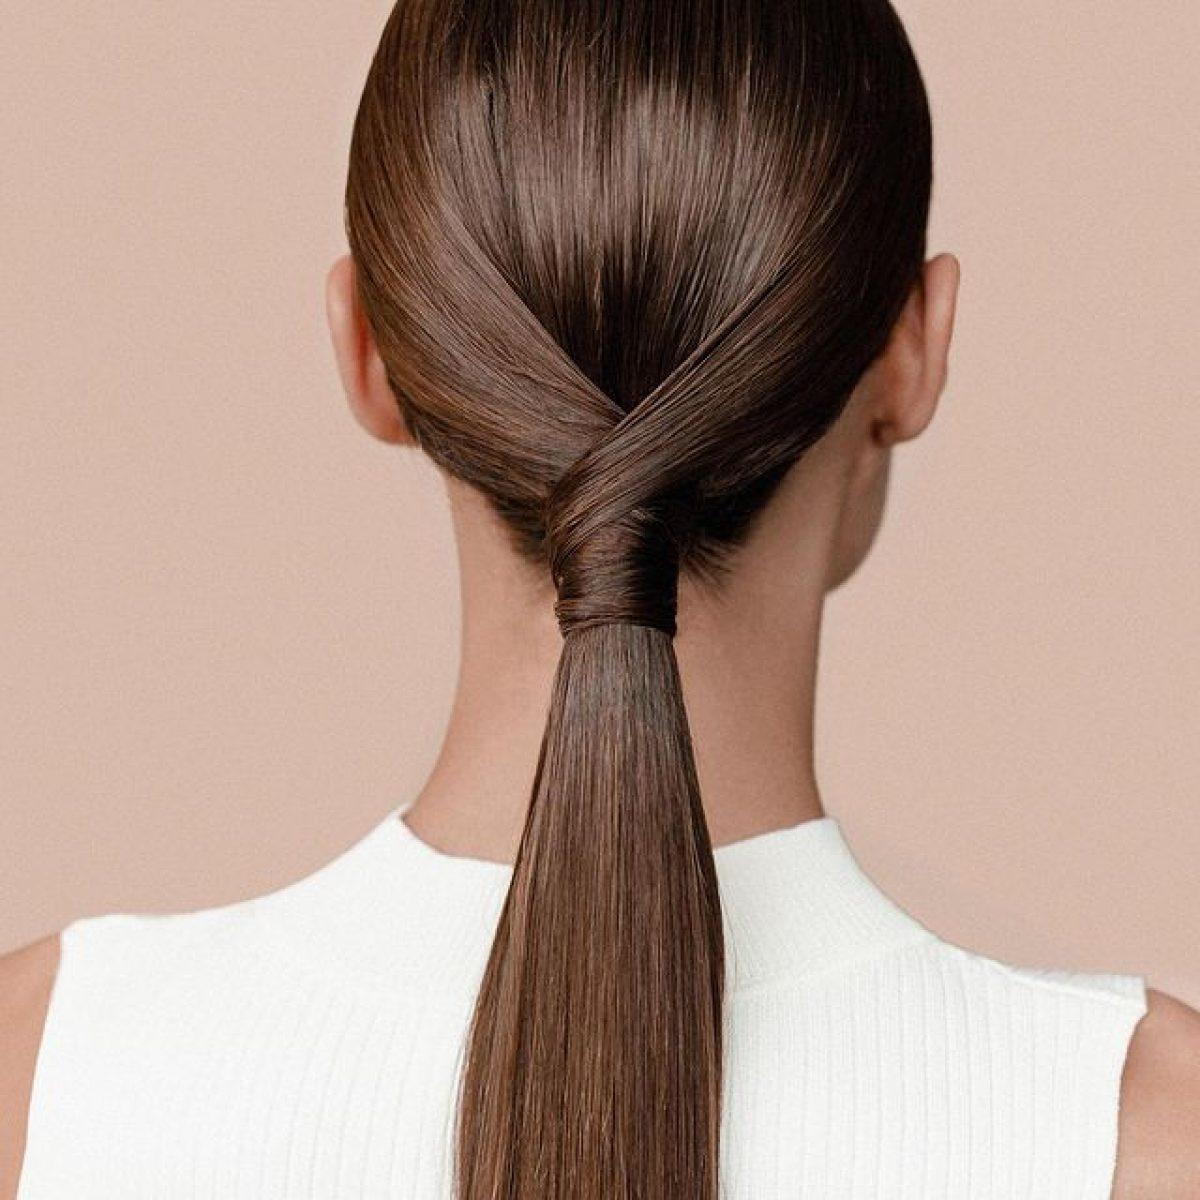 Không nên buộc, búi tóc quá chặt.